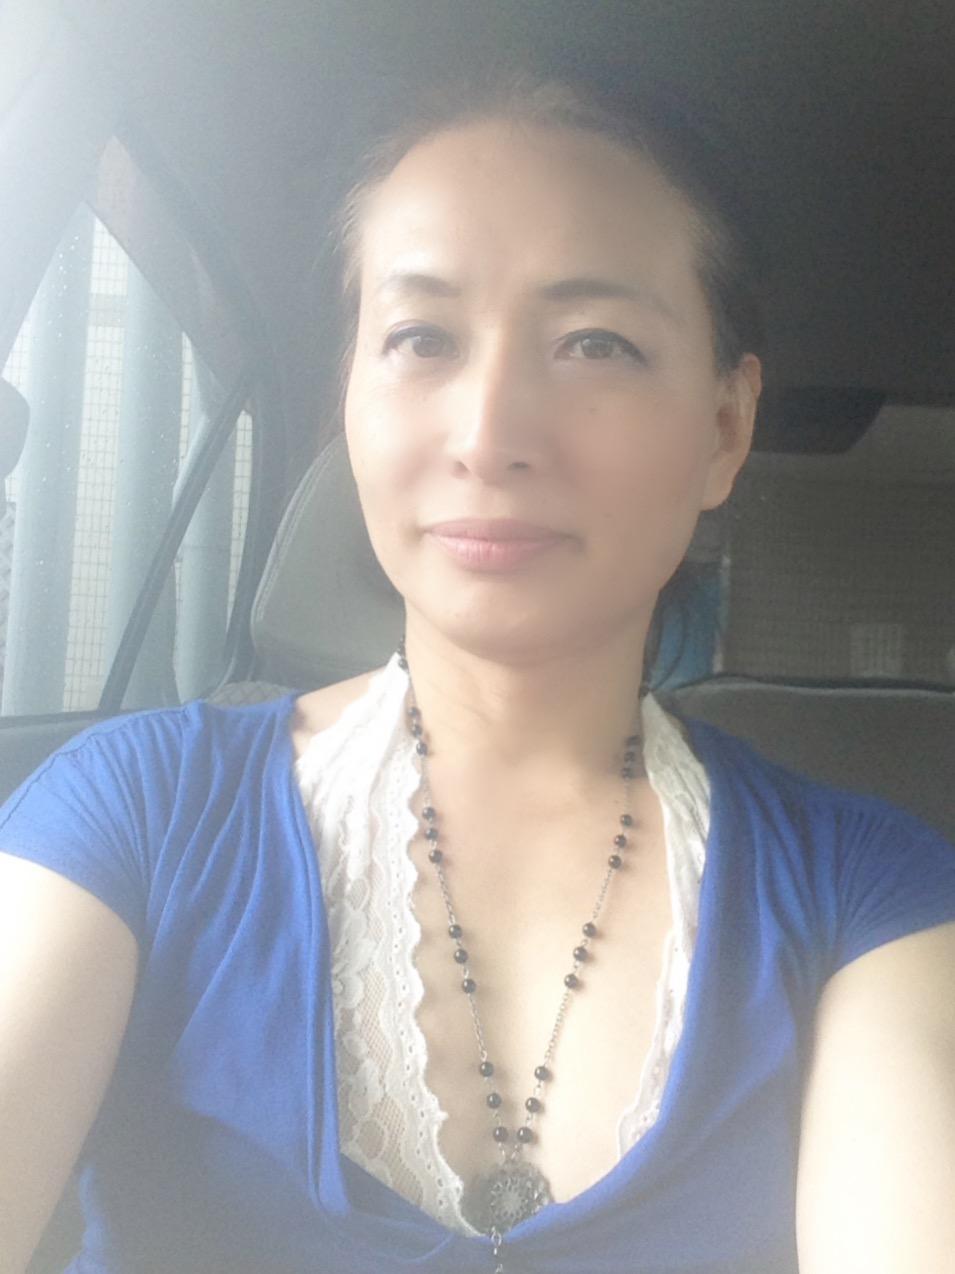 熟女NHヘルス孃マダム舞の袖振り合うも他生の縁 今夜(8/27)から小山へ